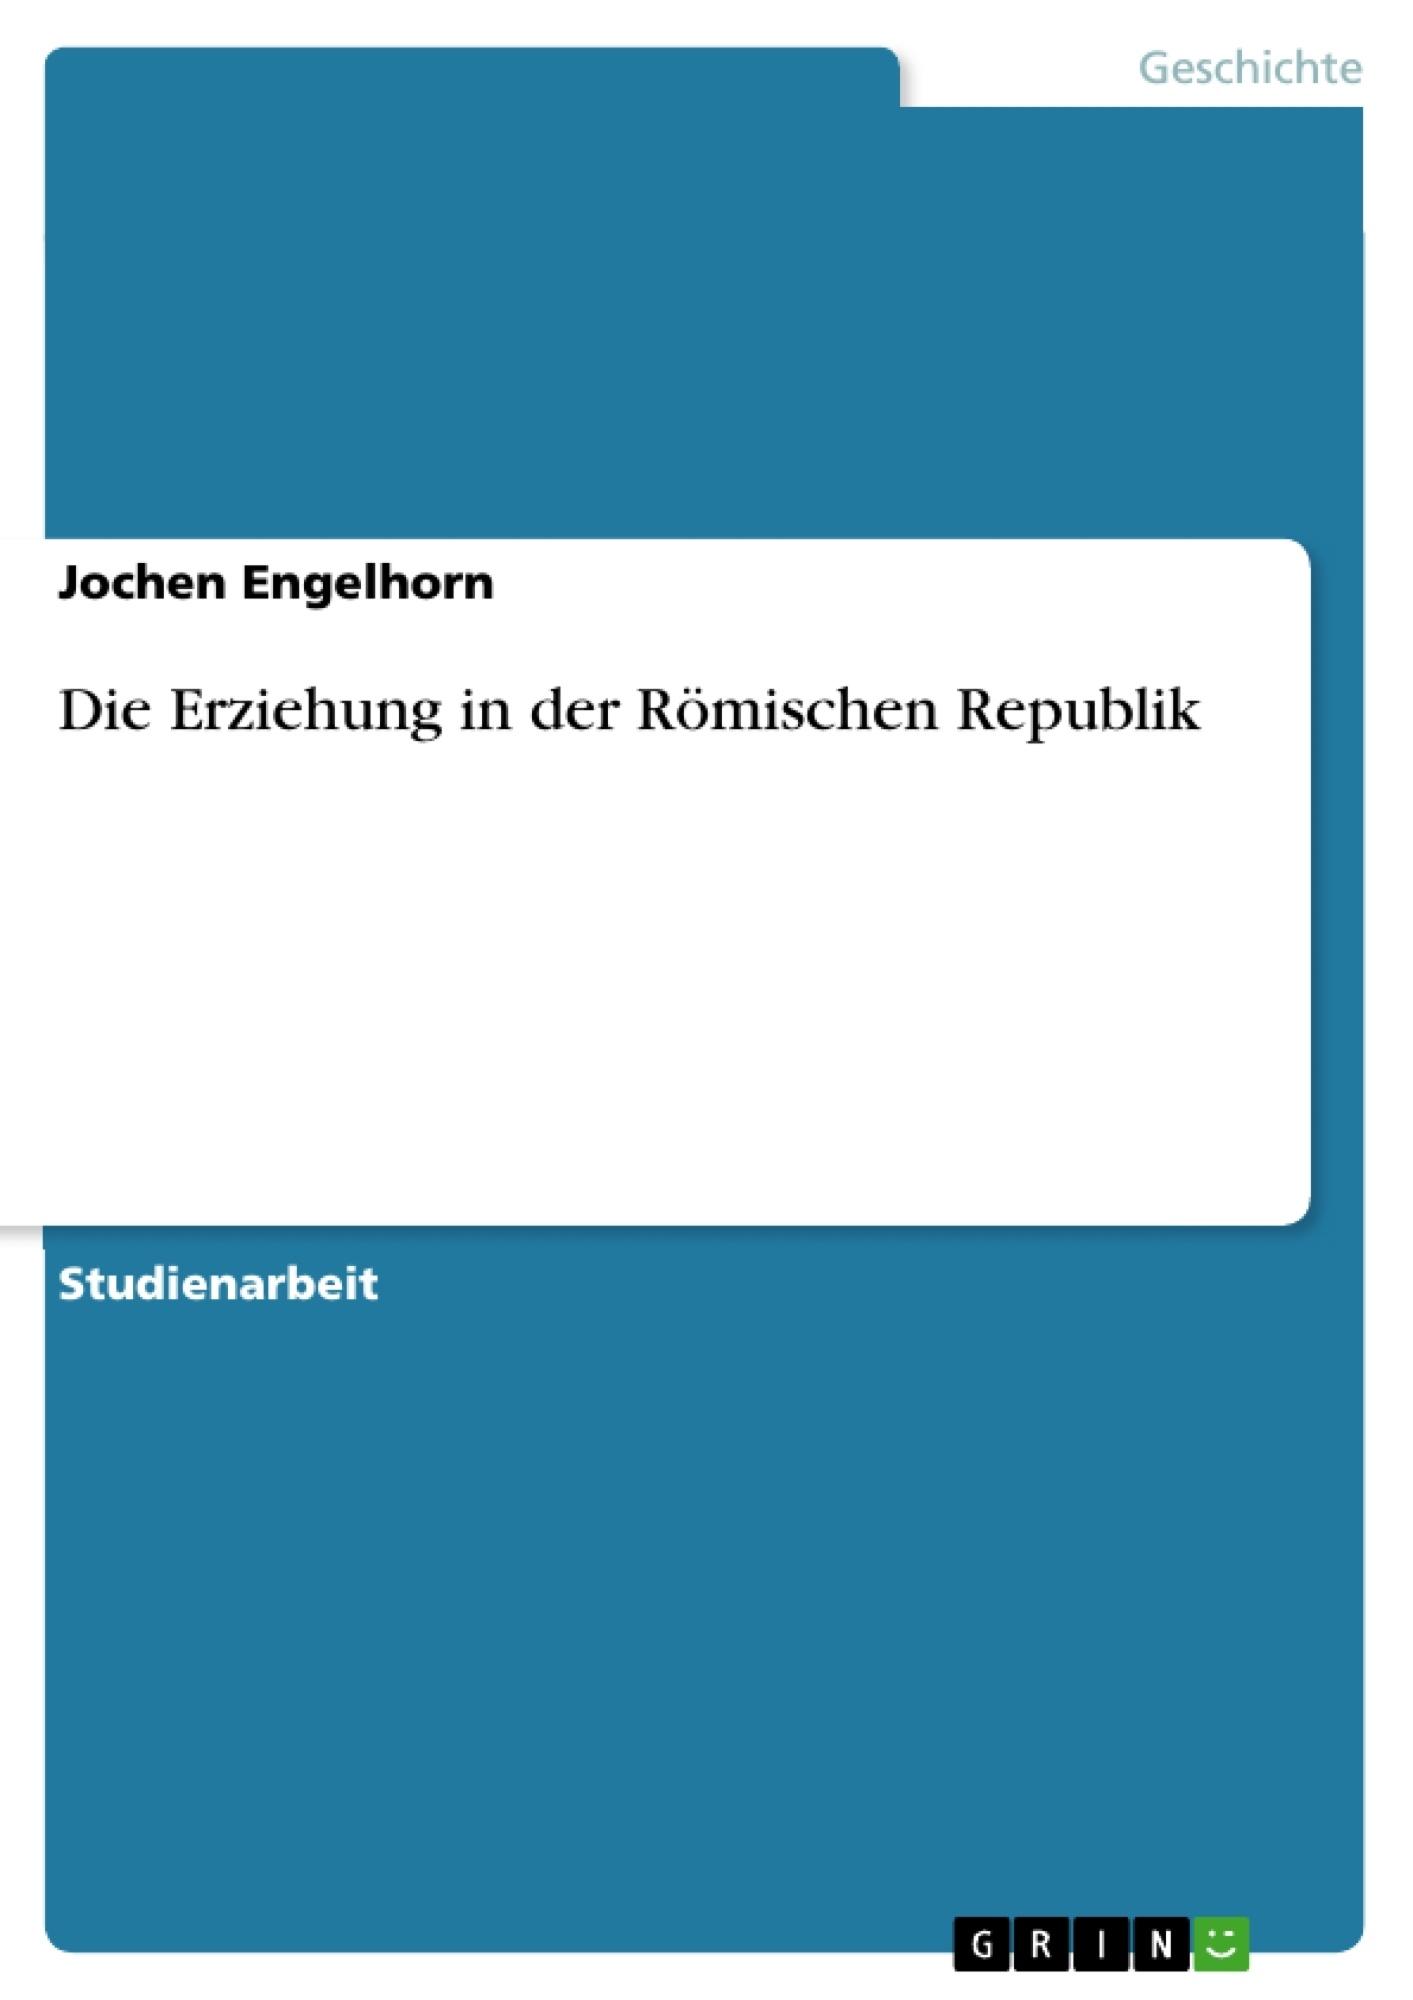 Titel: Die Erziehung in der Römischen Republik